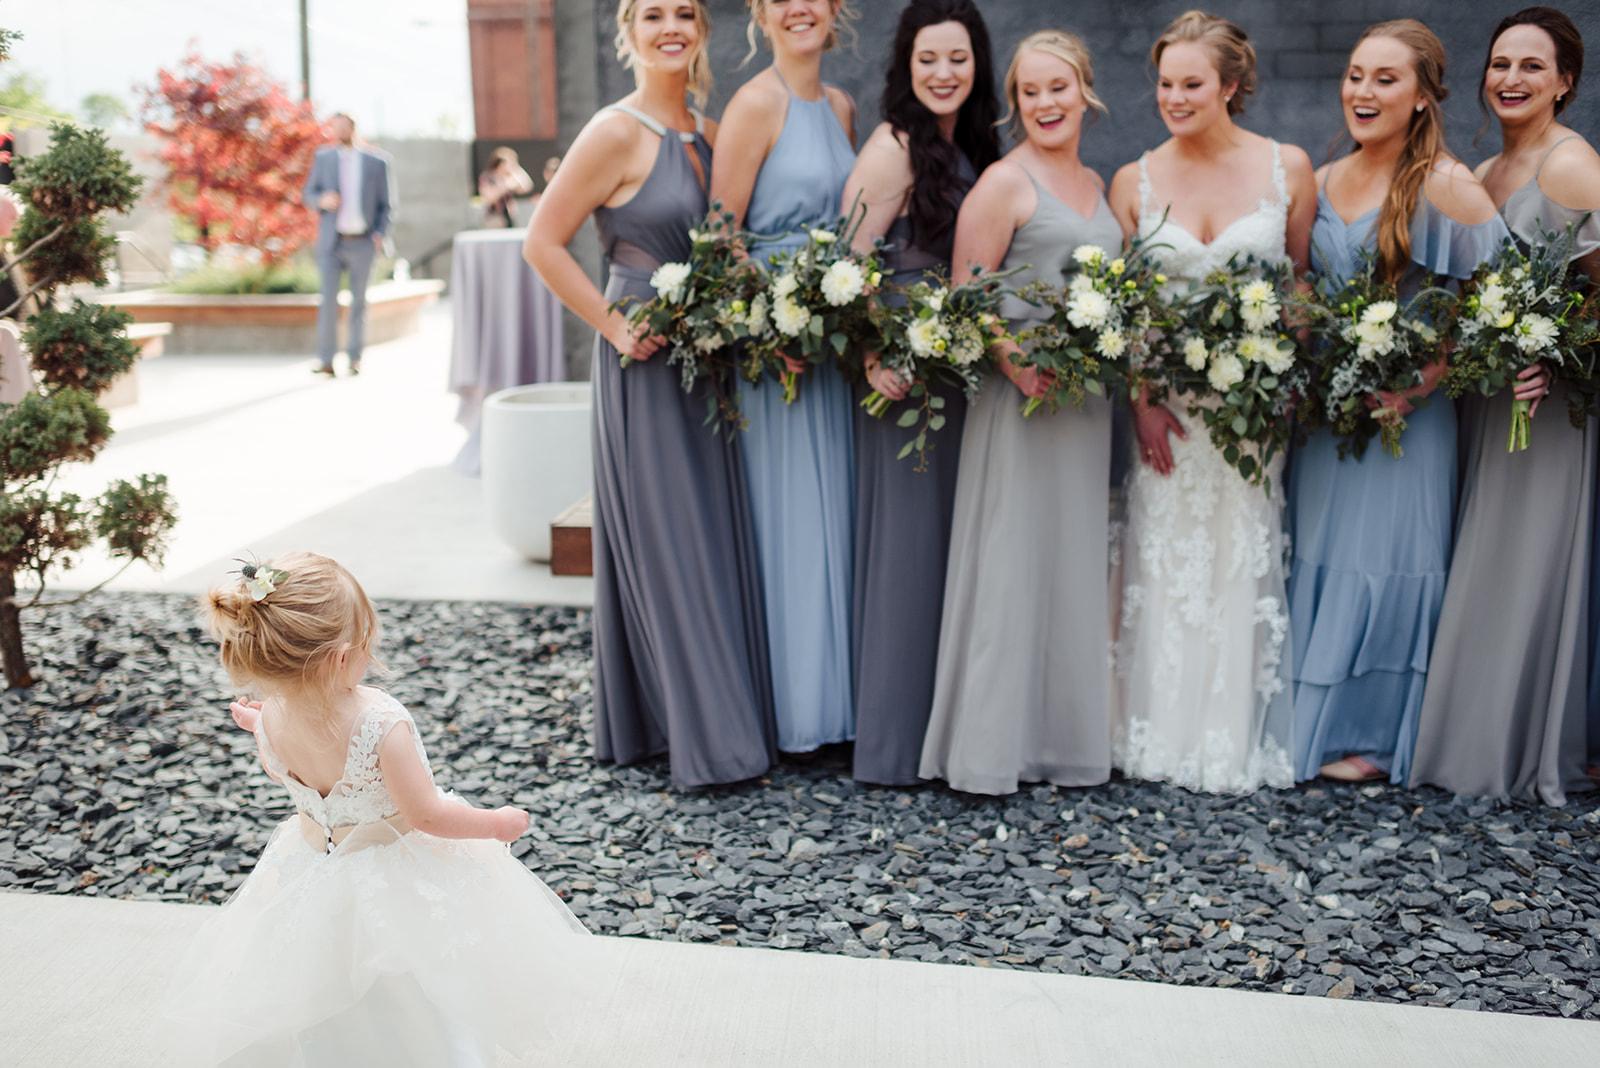 Flower girl photos: Nashville wedding at Clementine featured on Nashville Bride Guide